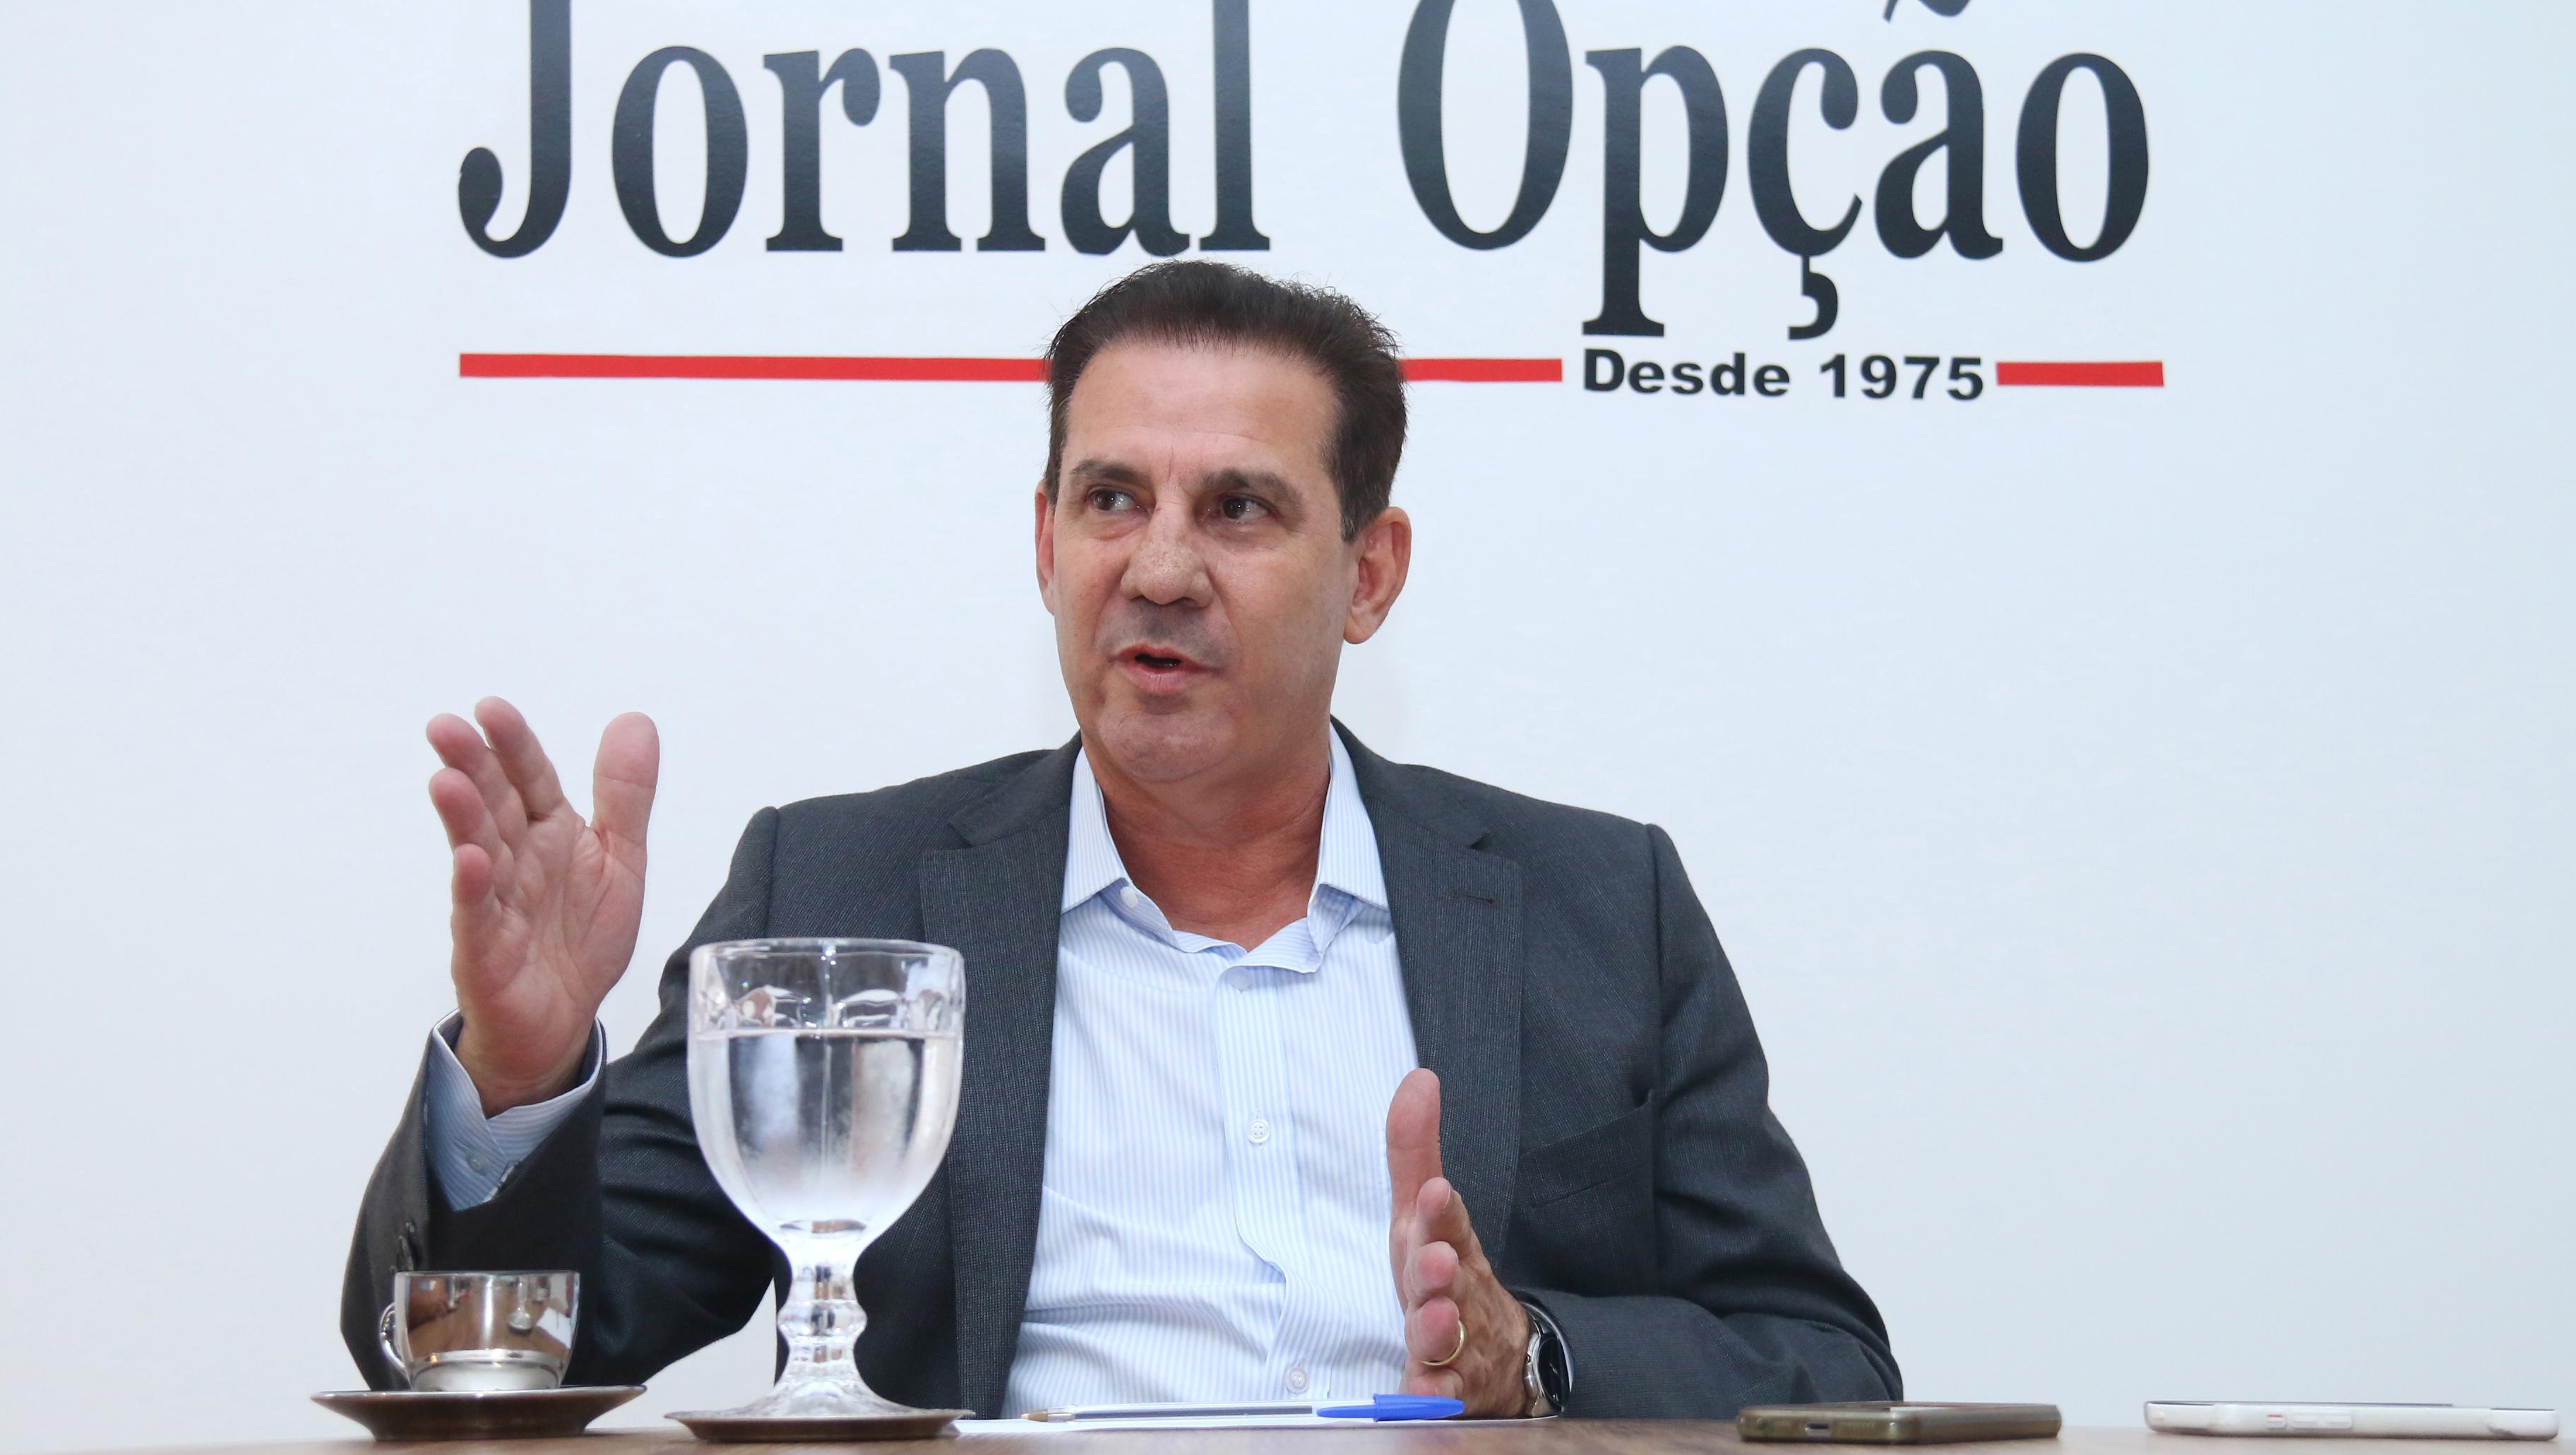 Se Vanderlan apoiar Daniel Vilela, projeto de ser prefeito de Goiânia cai por terra